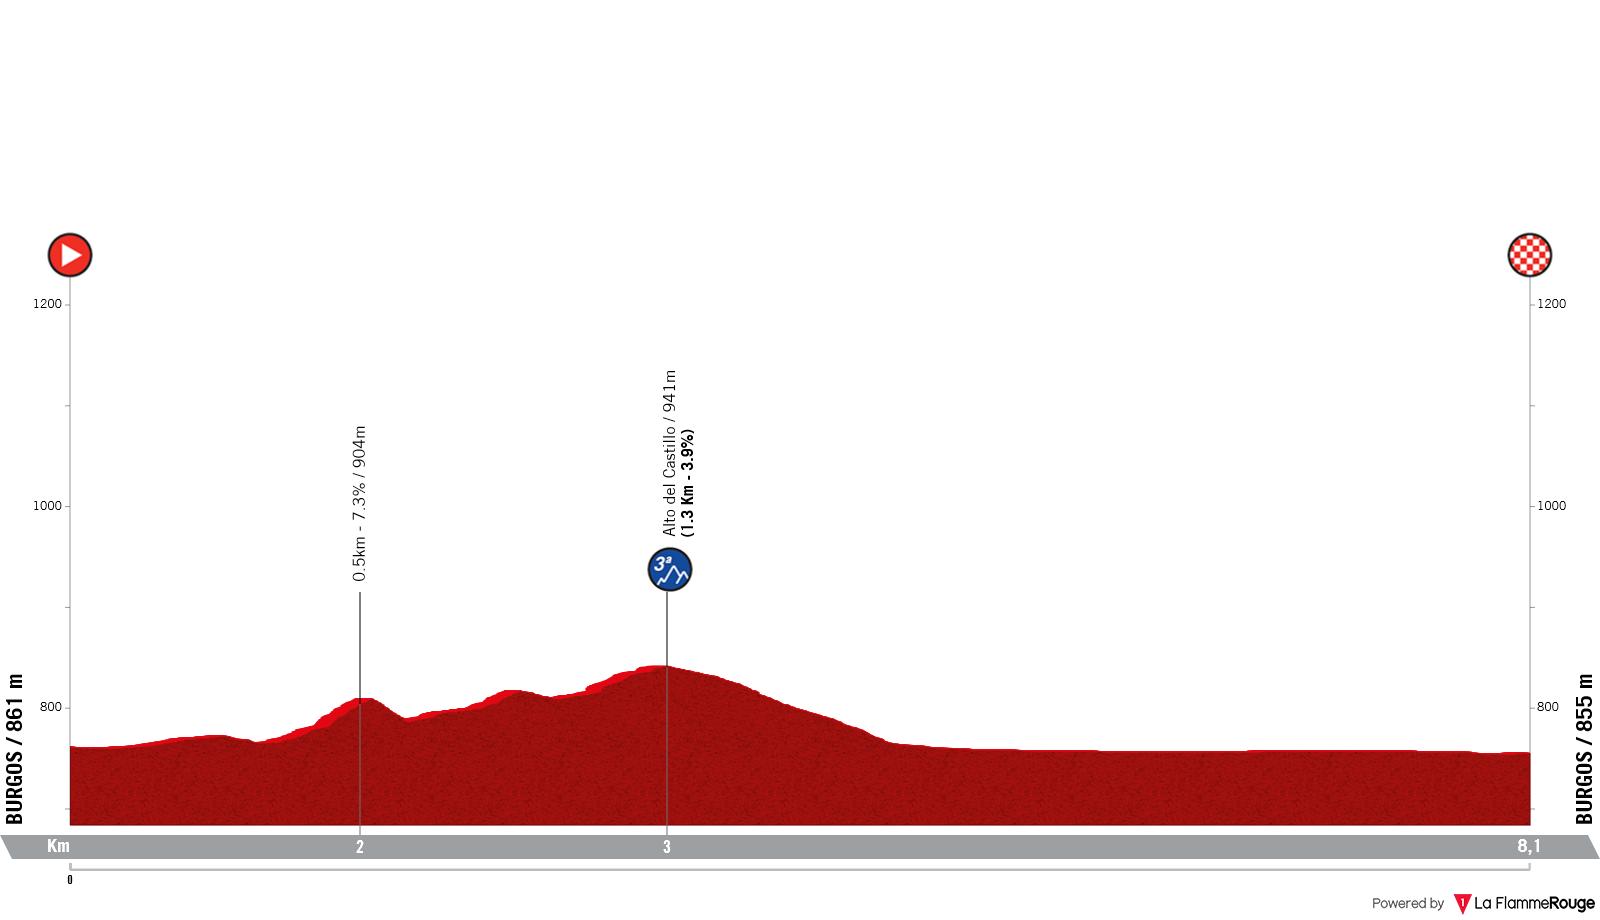 Etapa 1 - Vuelta España 2021 - Burgos. Catedral VIII Centenario 2021 - Catedral